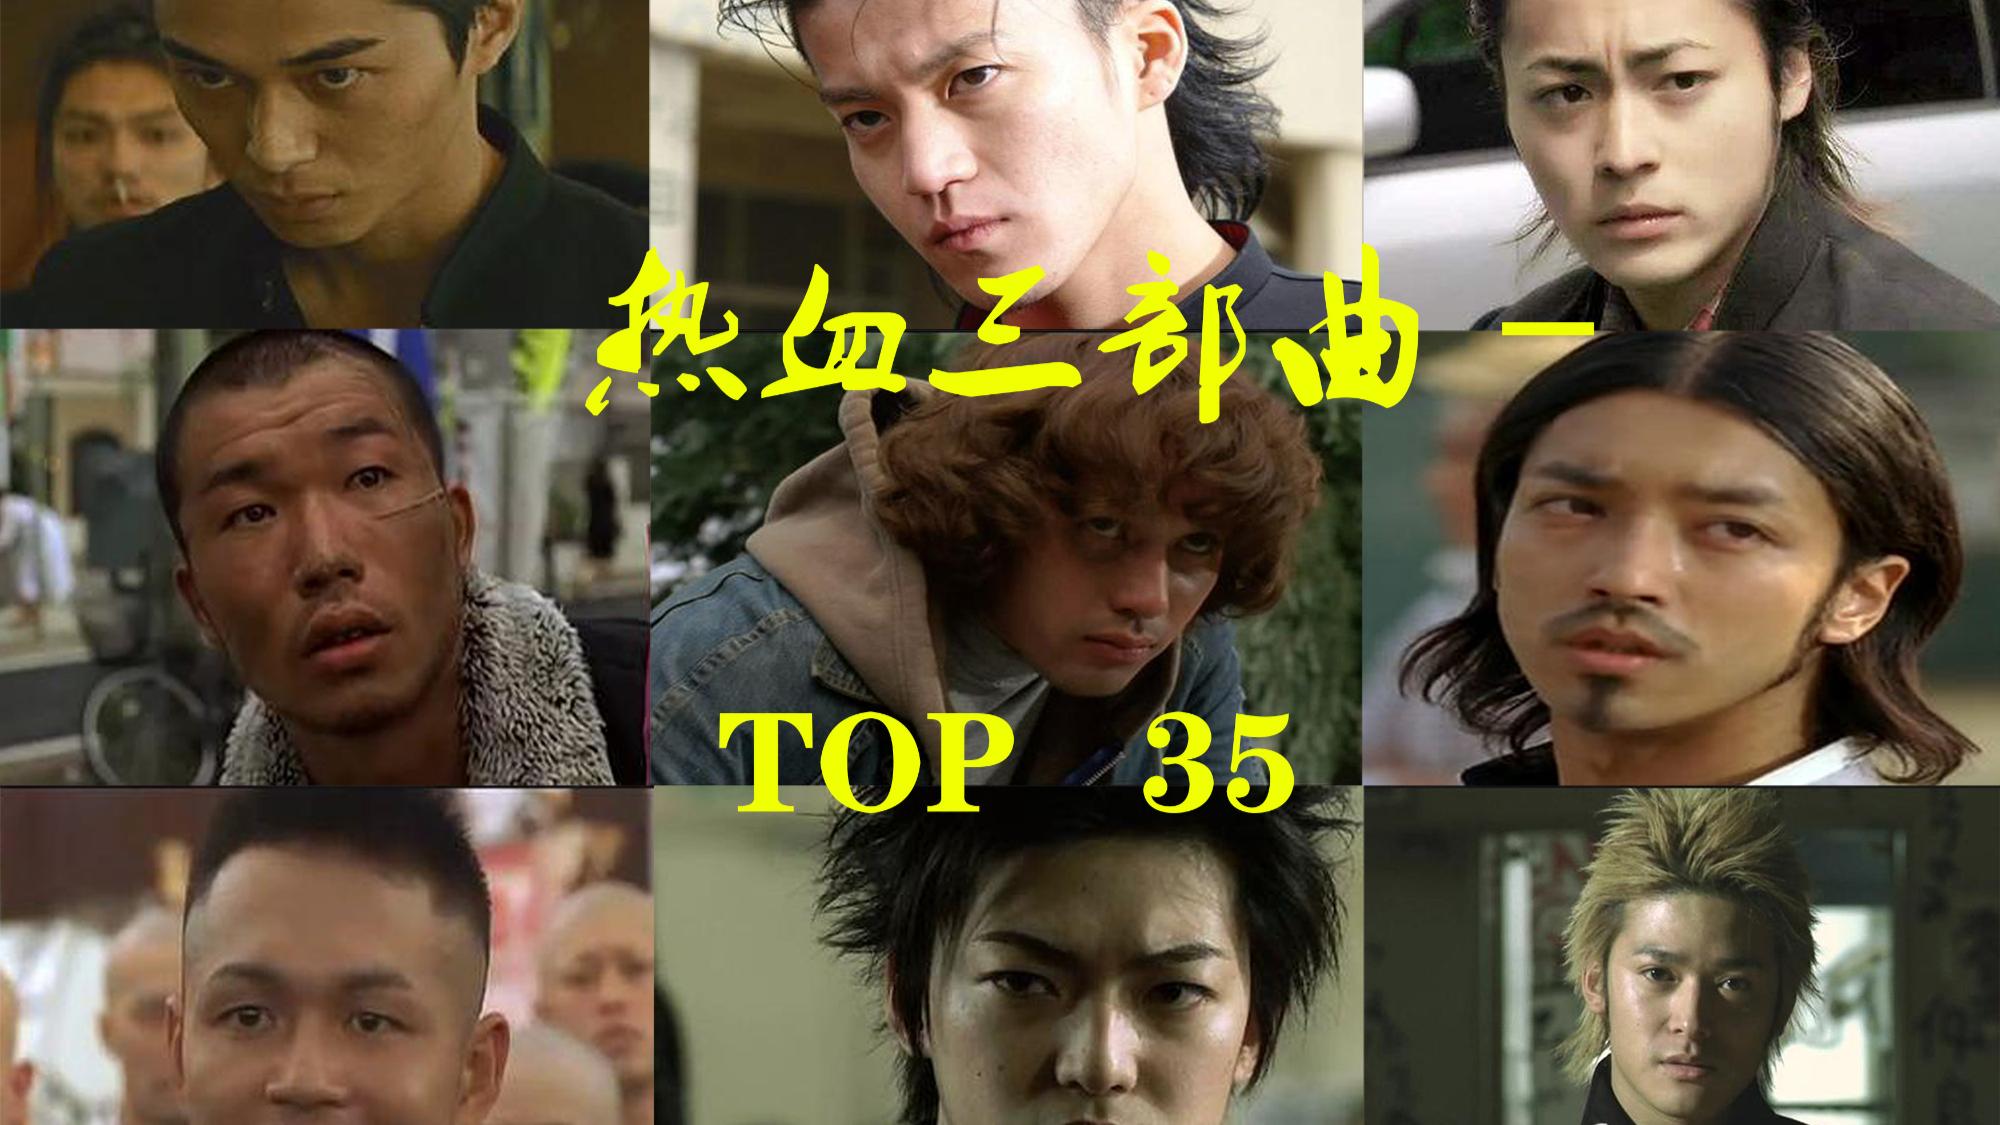 【TOP35】热血高校三部曲战力排行榜